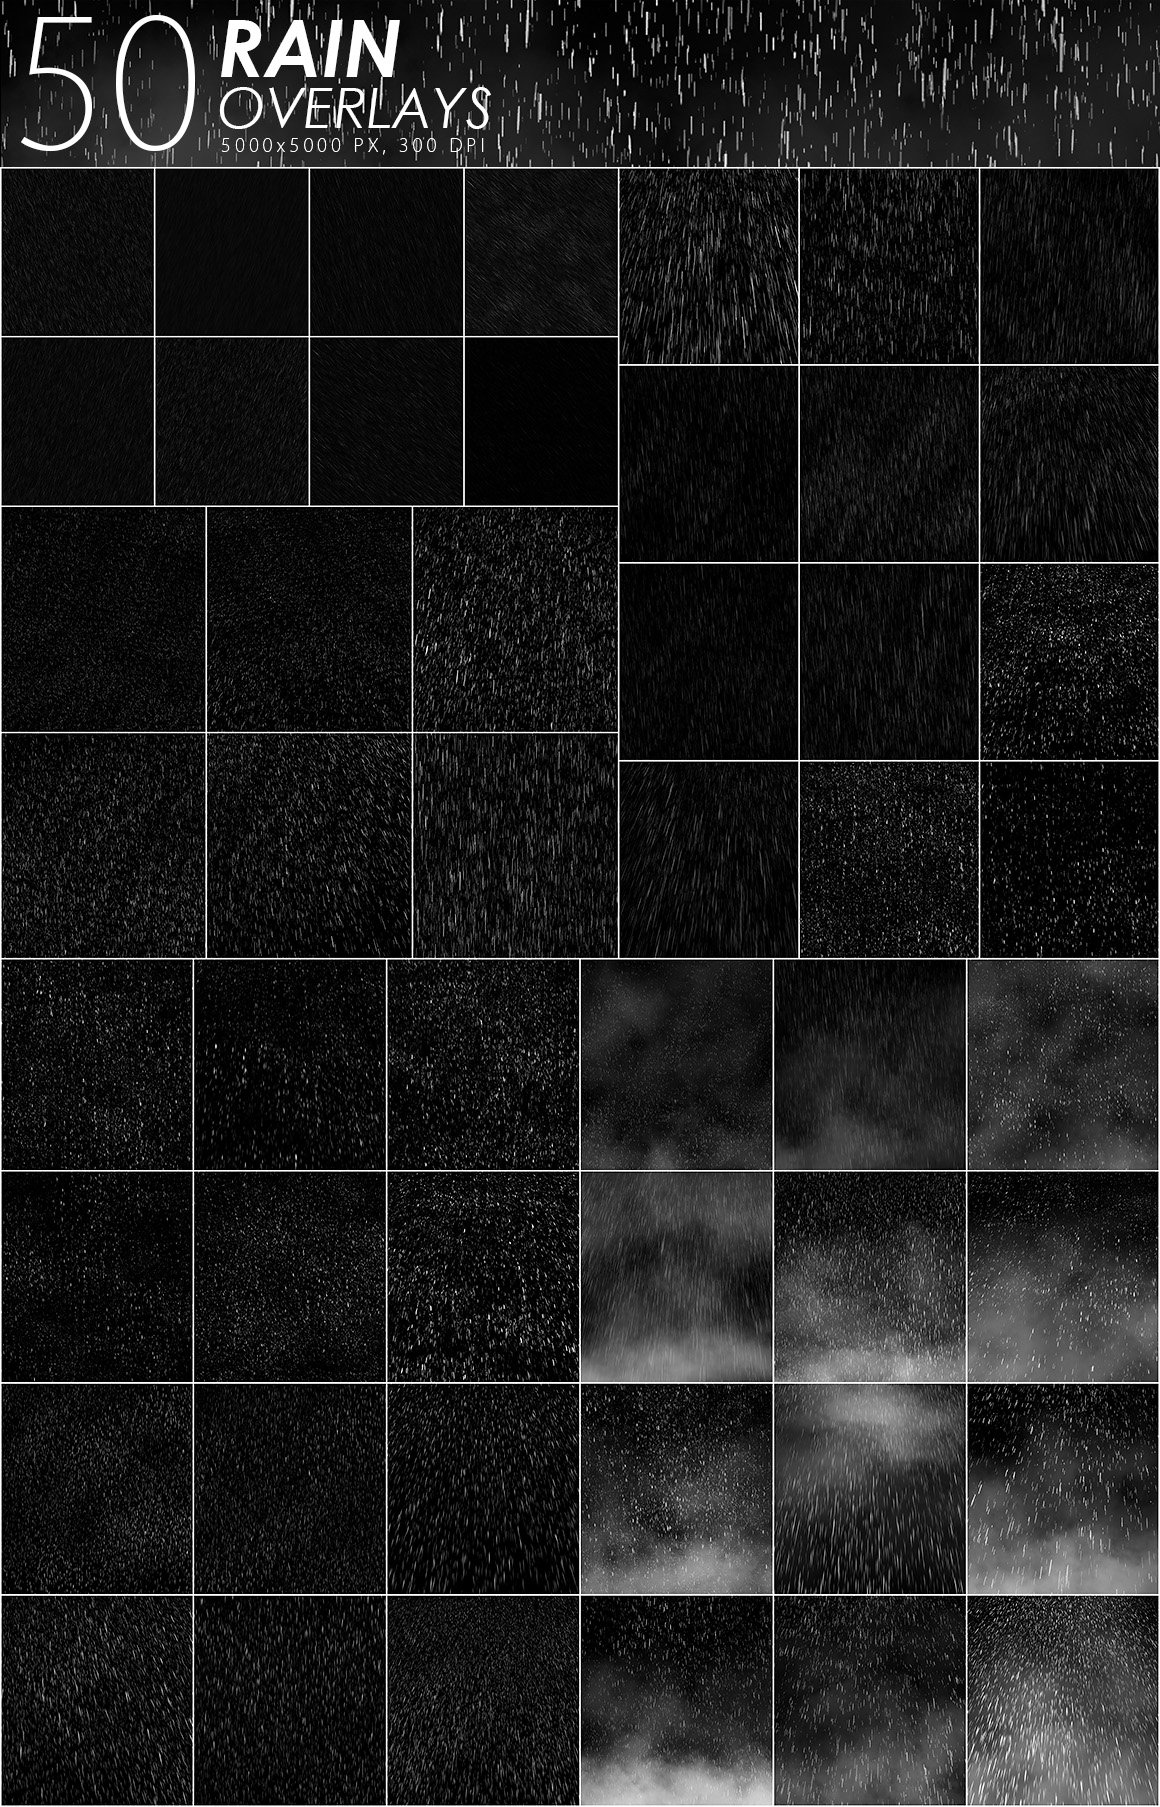 525款雷电暴雨水滴闪电暴风雪恶劣天气摄影视觉叠加背景底纹素材 525 Rain, Snow, Lightning Overlays插图1